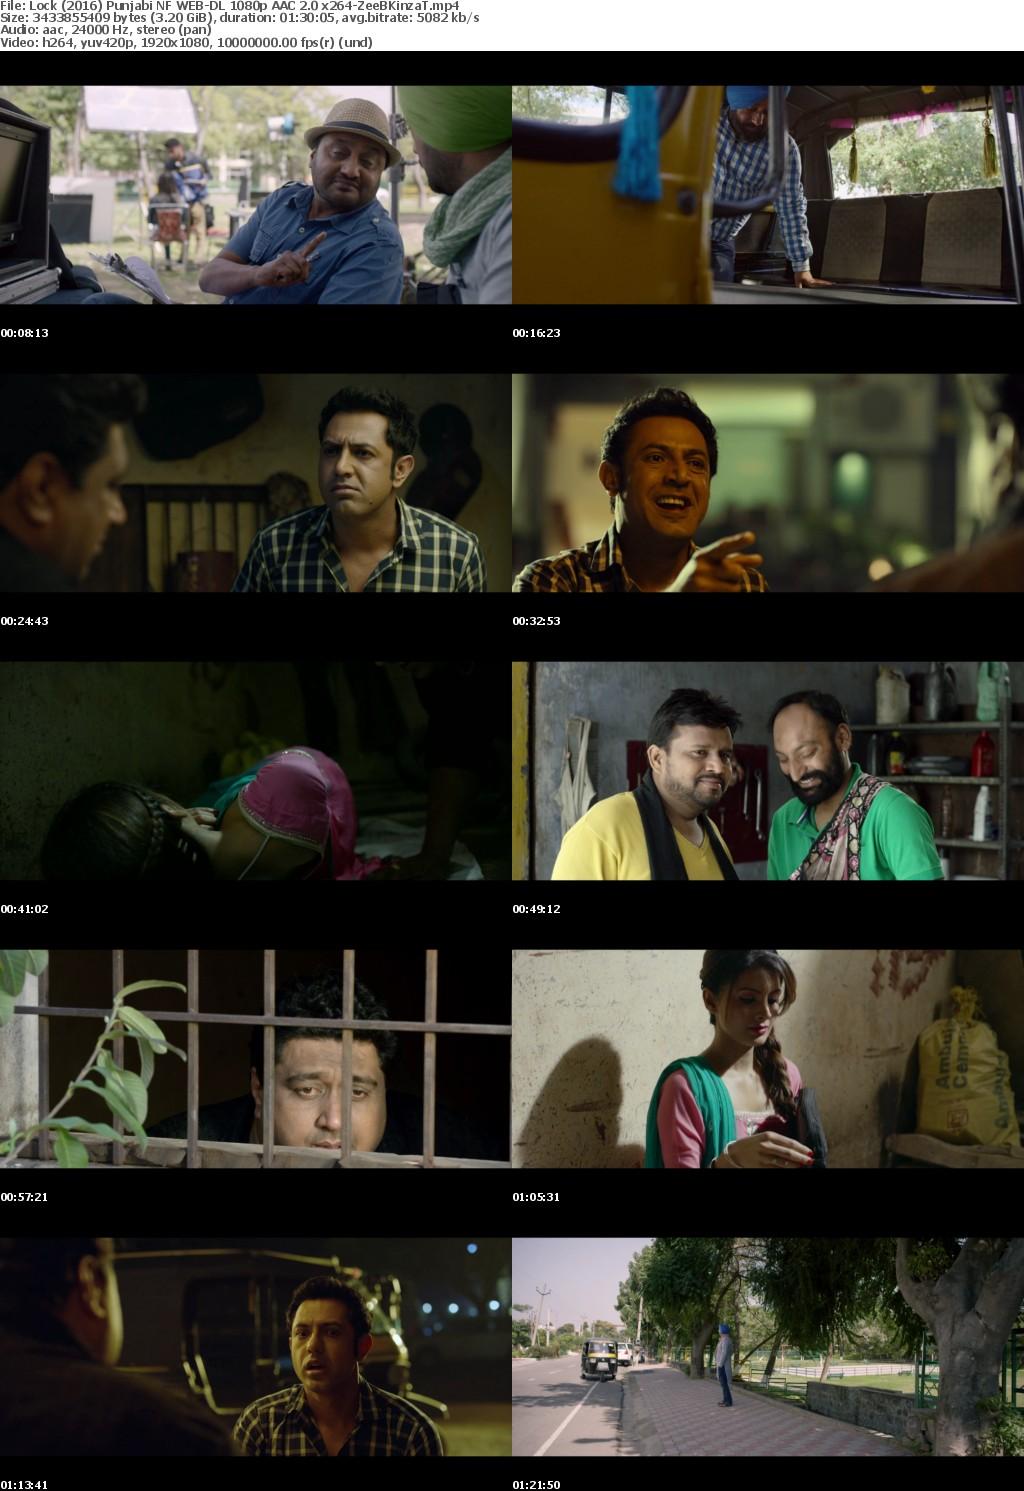 Lock (2016) Punjabi NF WEB-DL 1080p AAC 2 0 x264-ZeeBKinzaT mp4